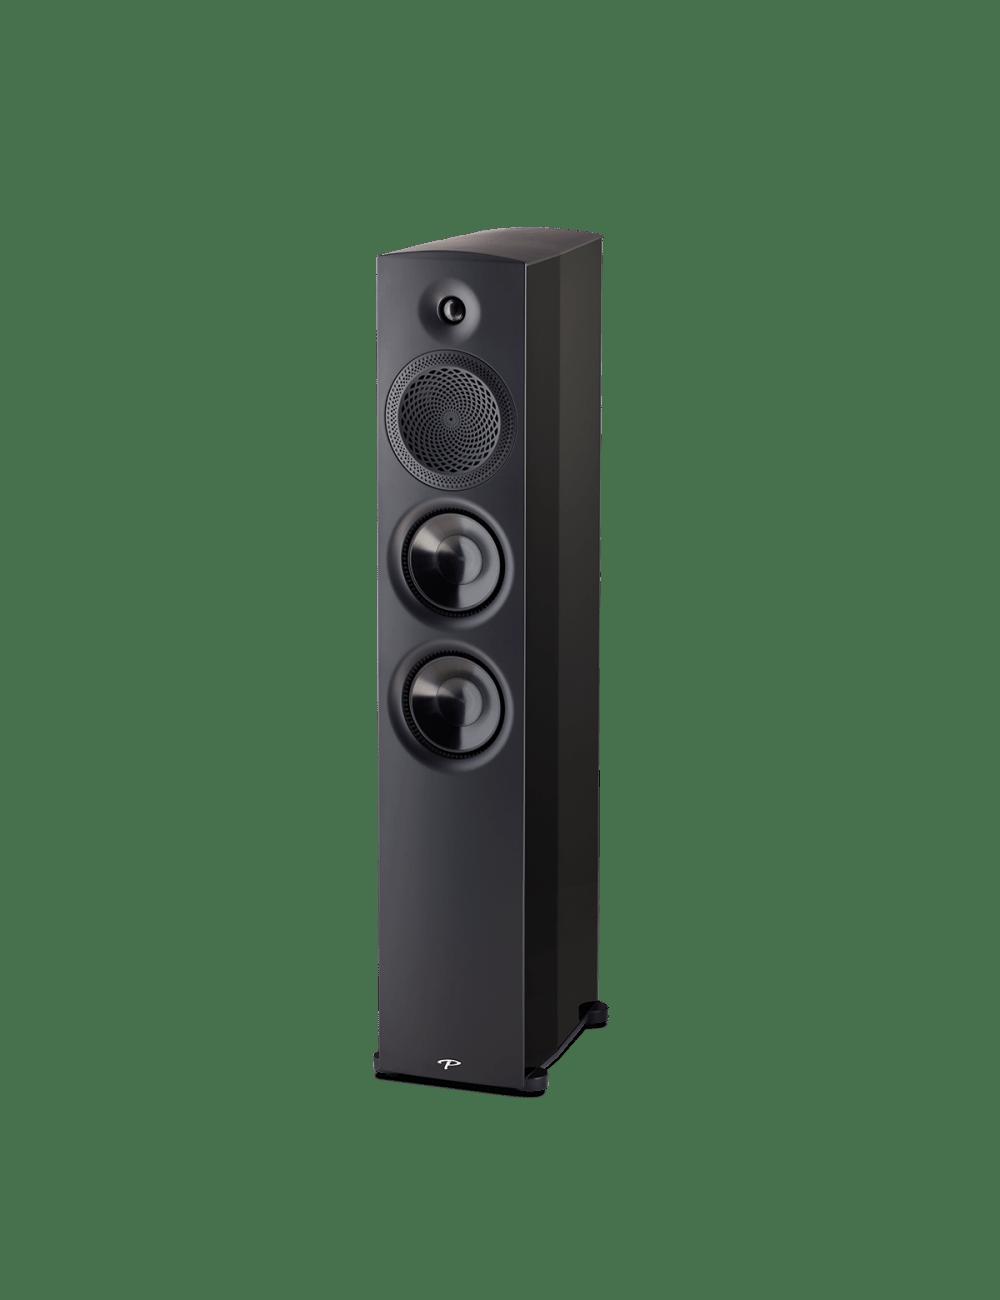 diffusori acustici da pavimento per hifi e home theater, Paradigm serie Premier modello 800F, finitura black gloss